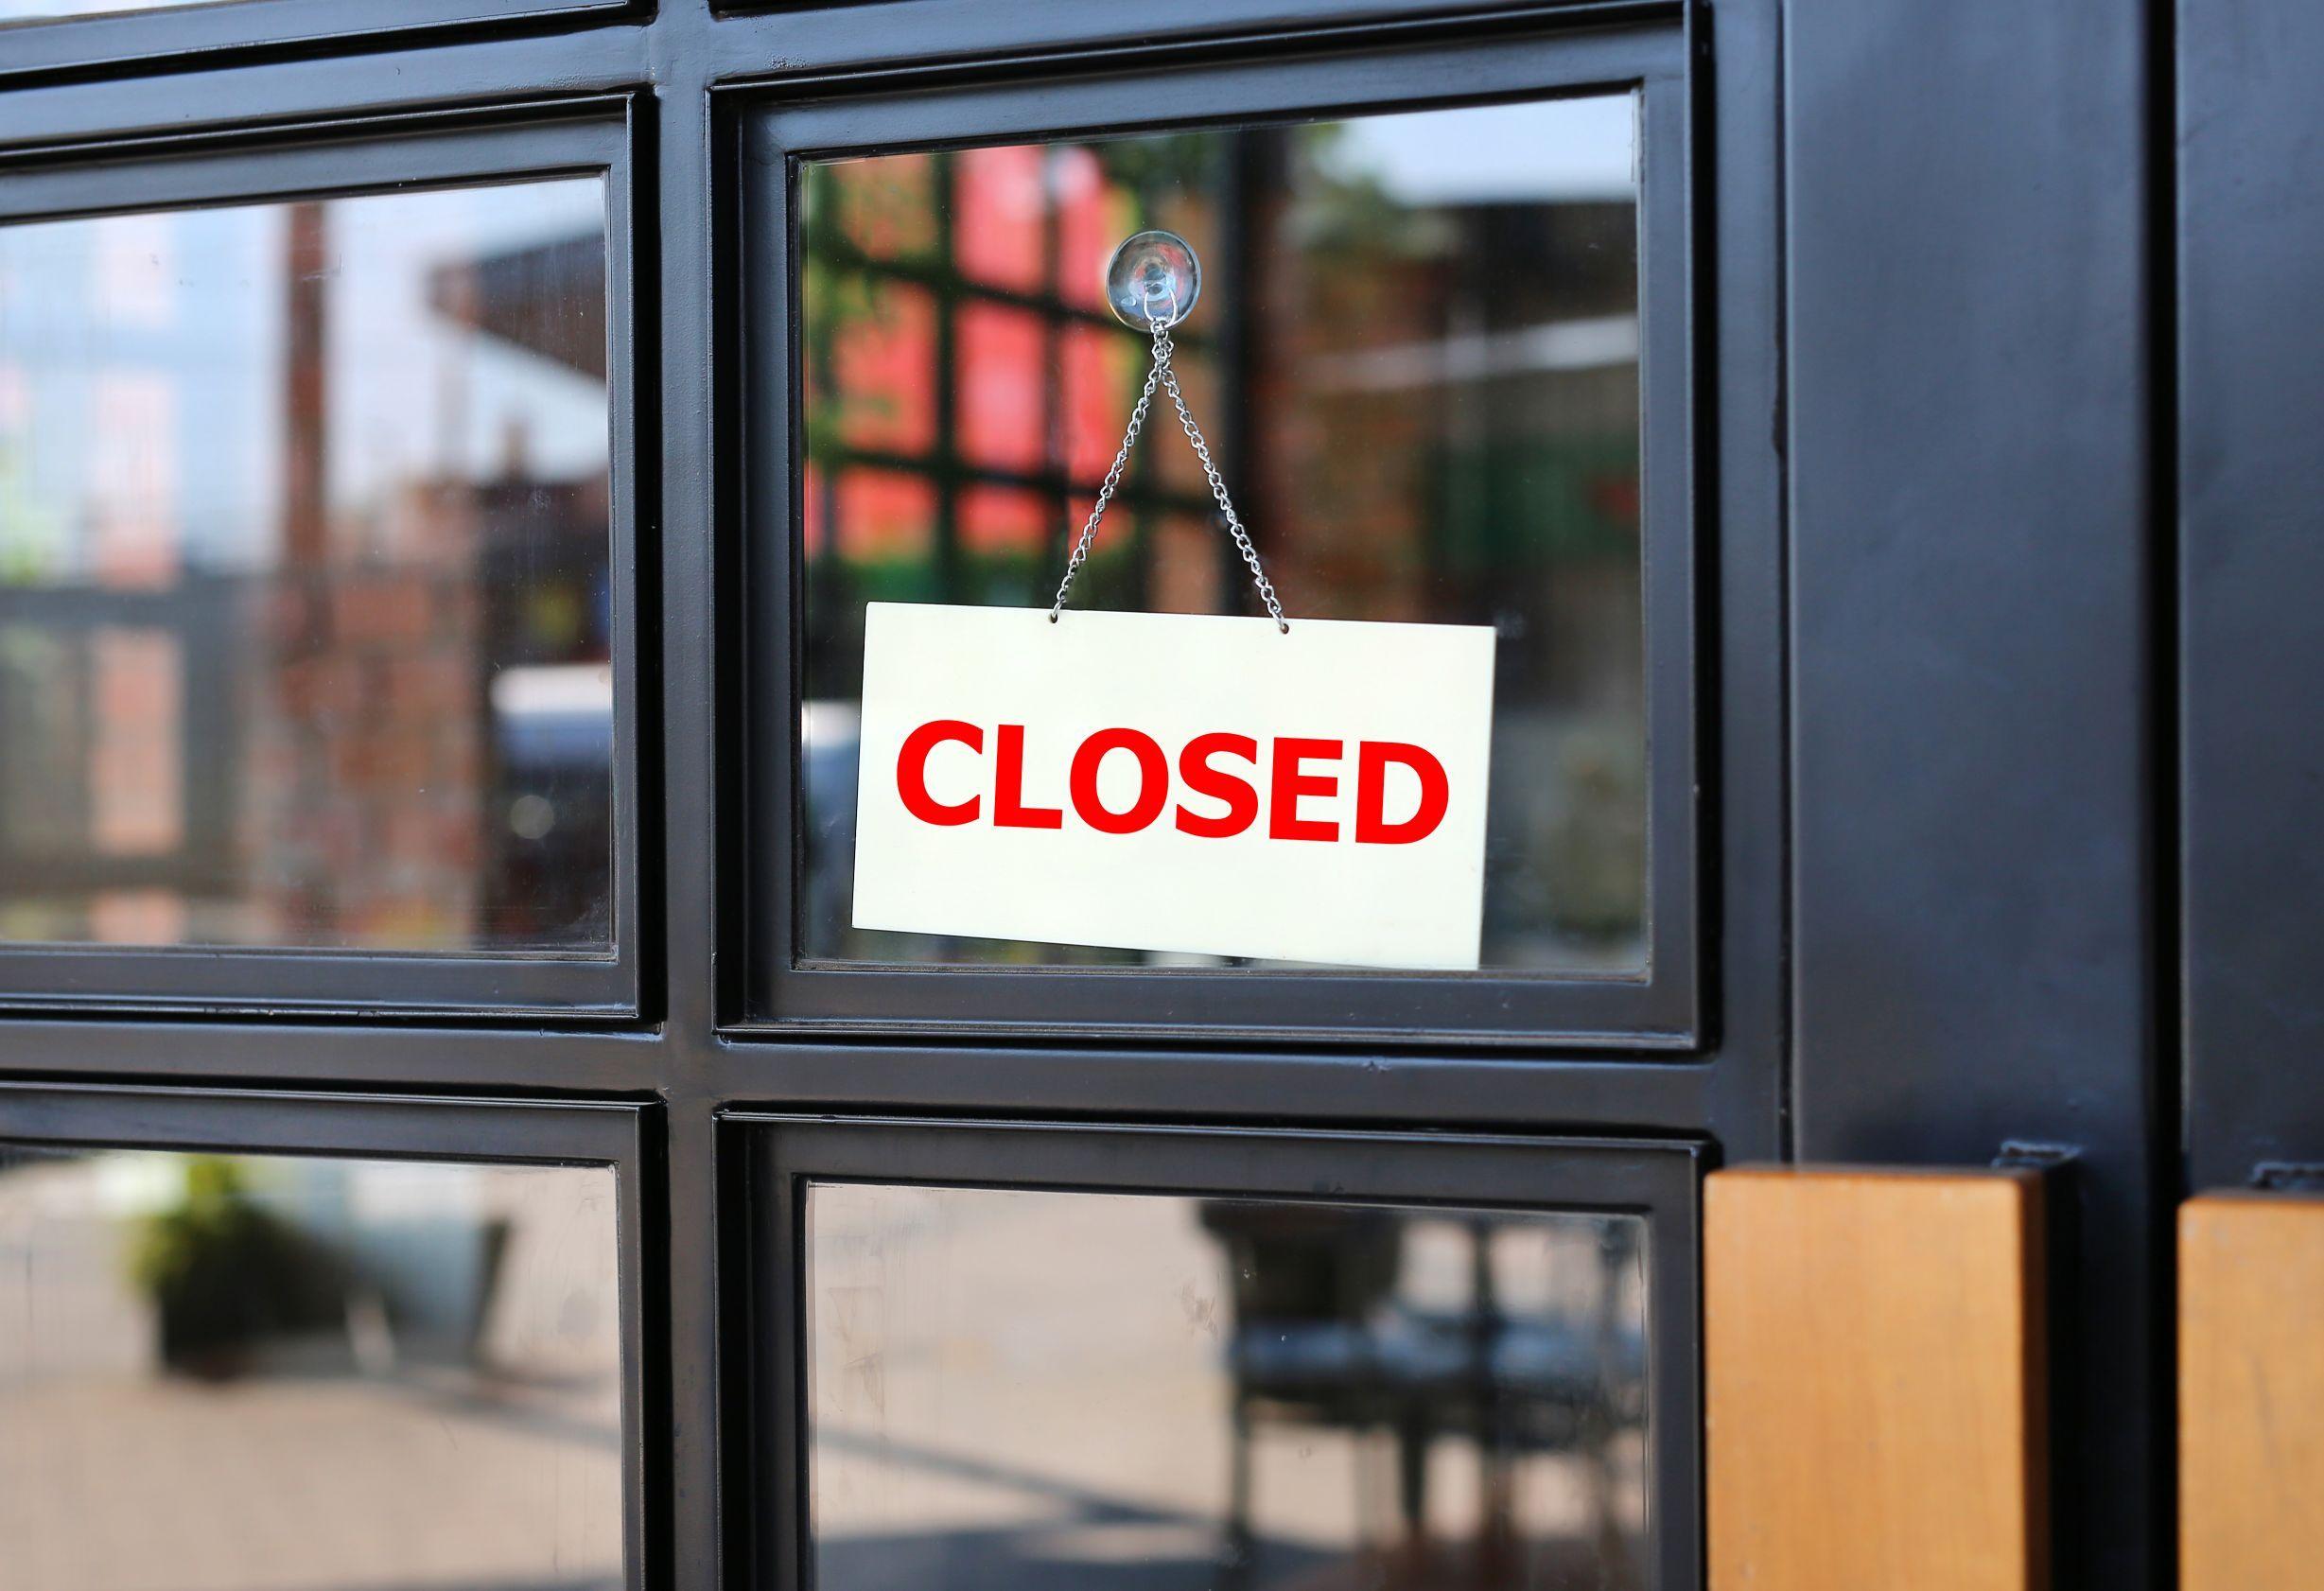 Praca jedynie w soboty okazała się nieopłacalna i uciążliwa. Po wprowadzeniu ograniczenia pracownicy weekendowi stracili połowę dochodu i całą tak zwaną dniówkę (fot. shutterstock)